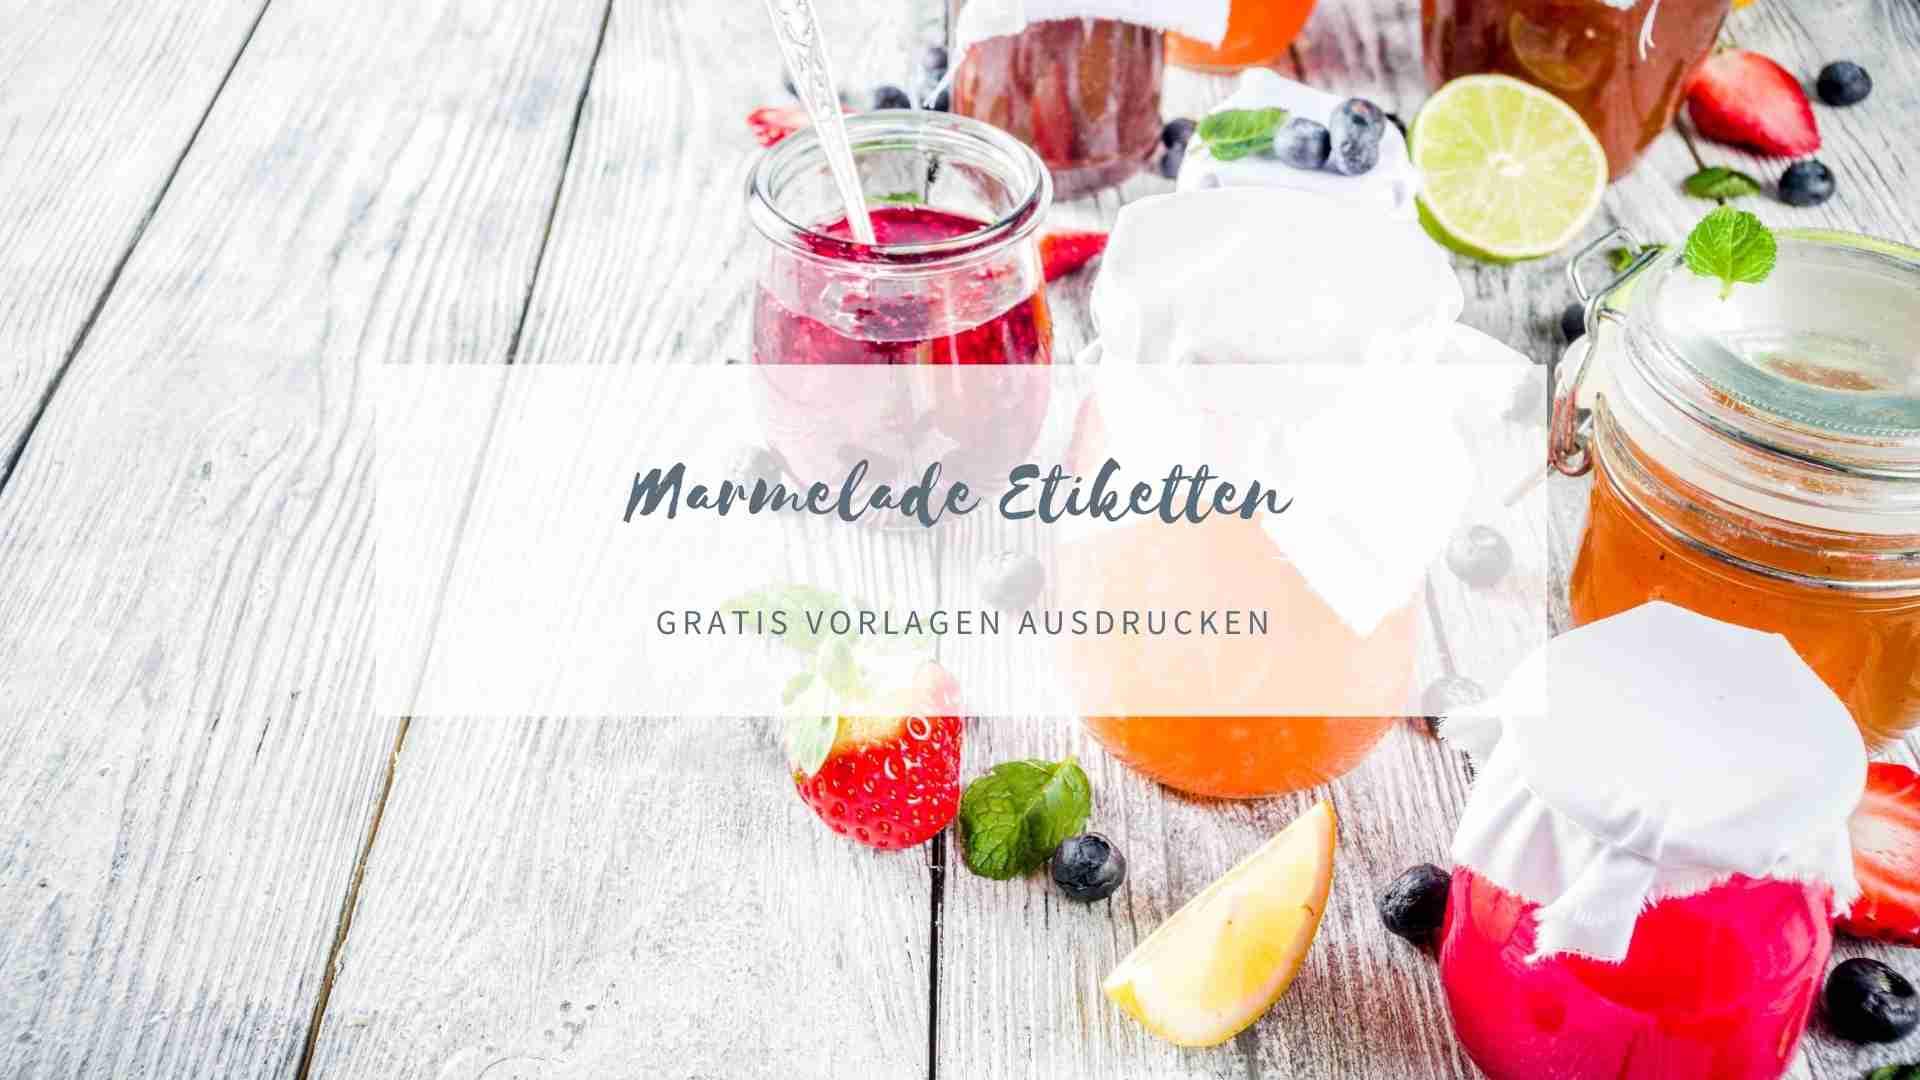 Marmelade Etiketten zum Ausdrucken kostenlos